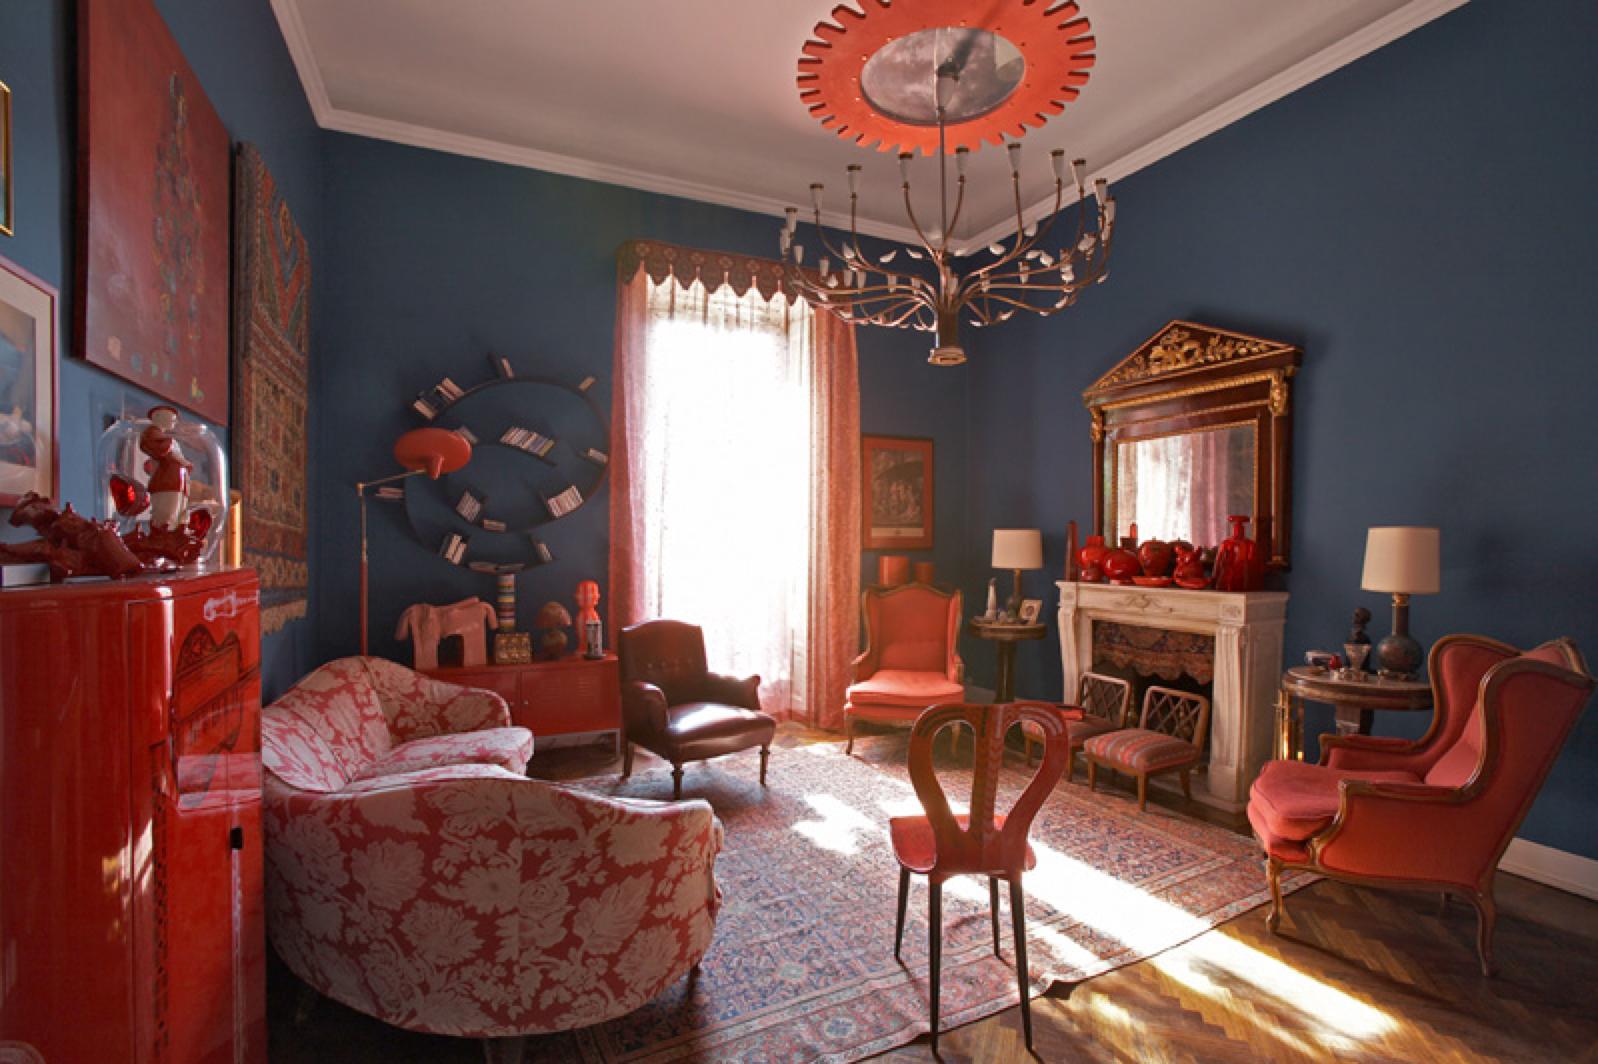 Villa arredamenti milano free foto cucina scavolini for Arredamenti lombardia